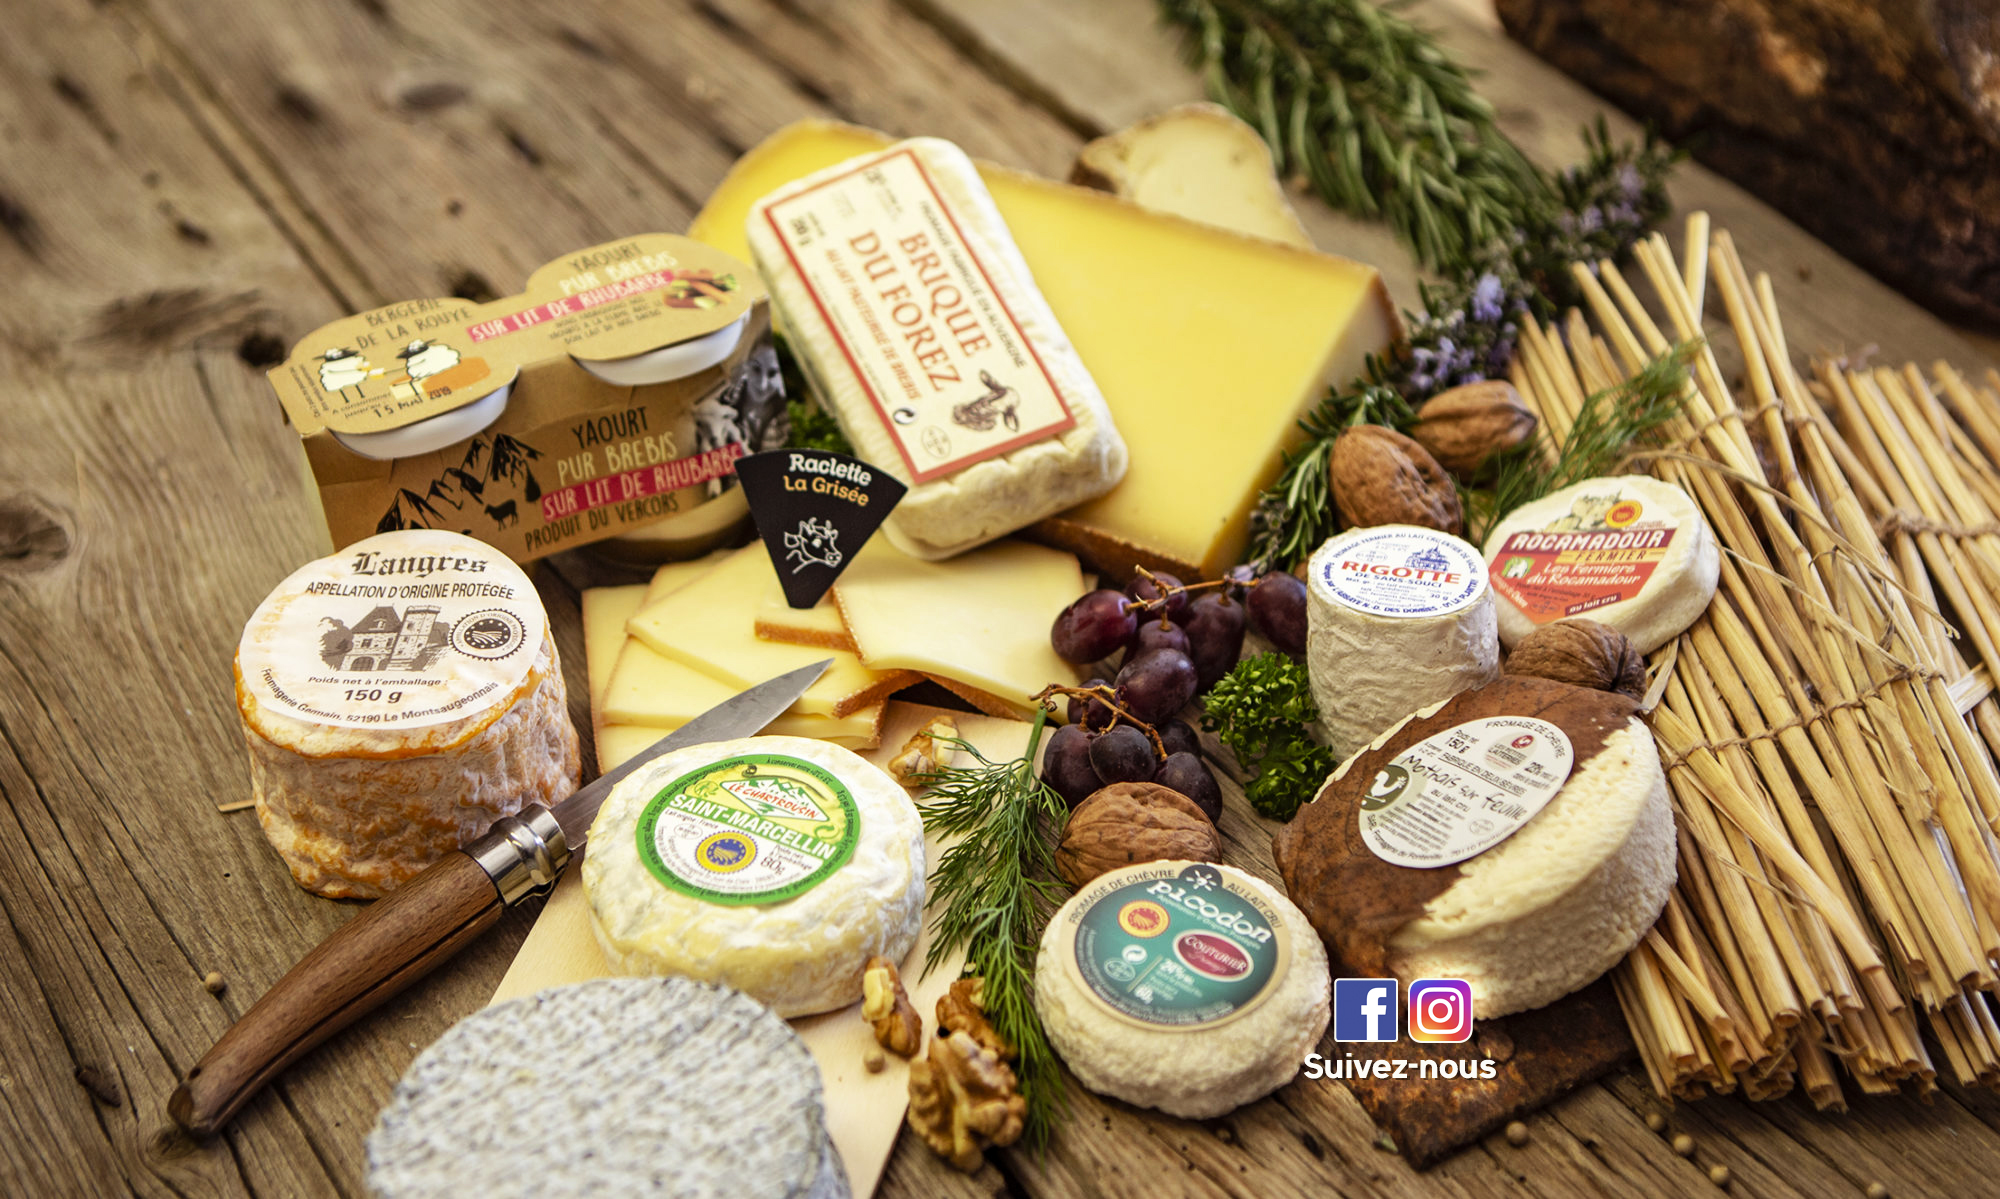 Ballouhey imprimeur - étiquettes fromage sèches et adhésives